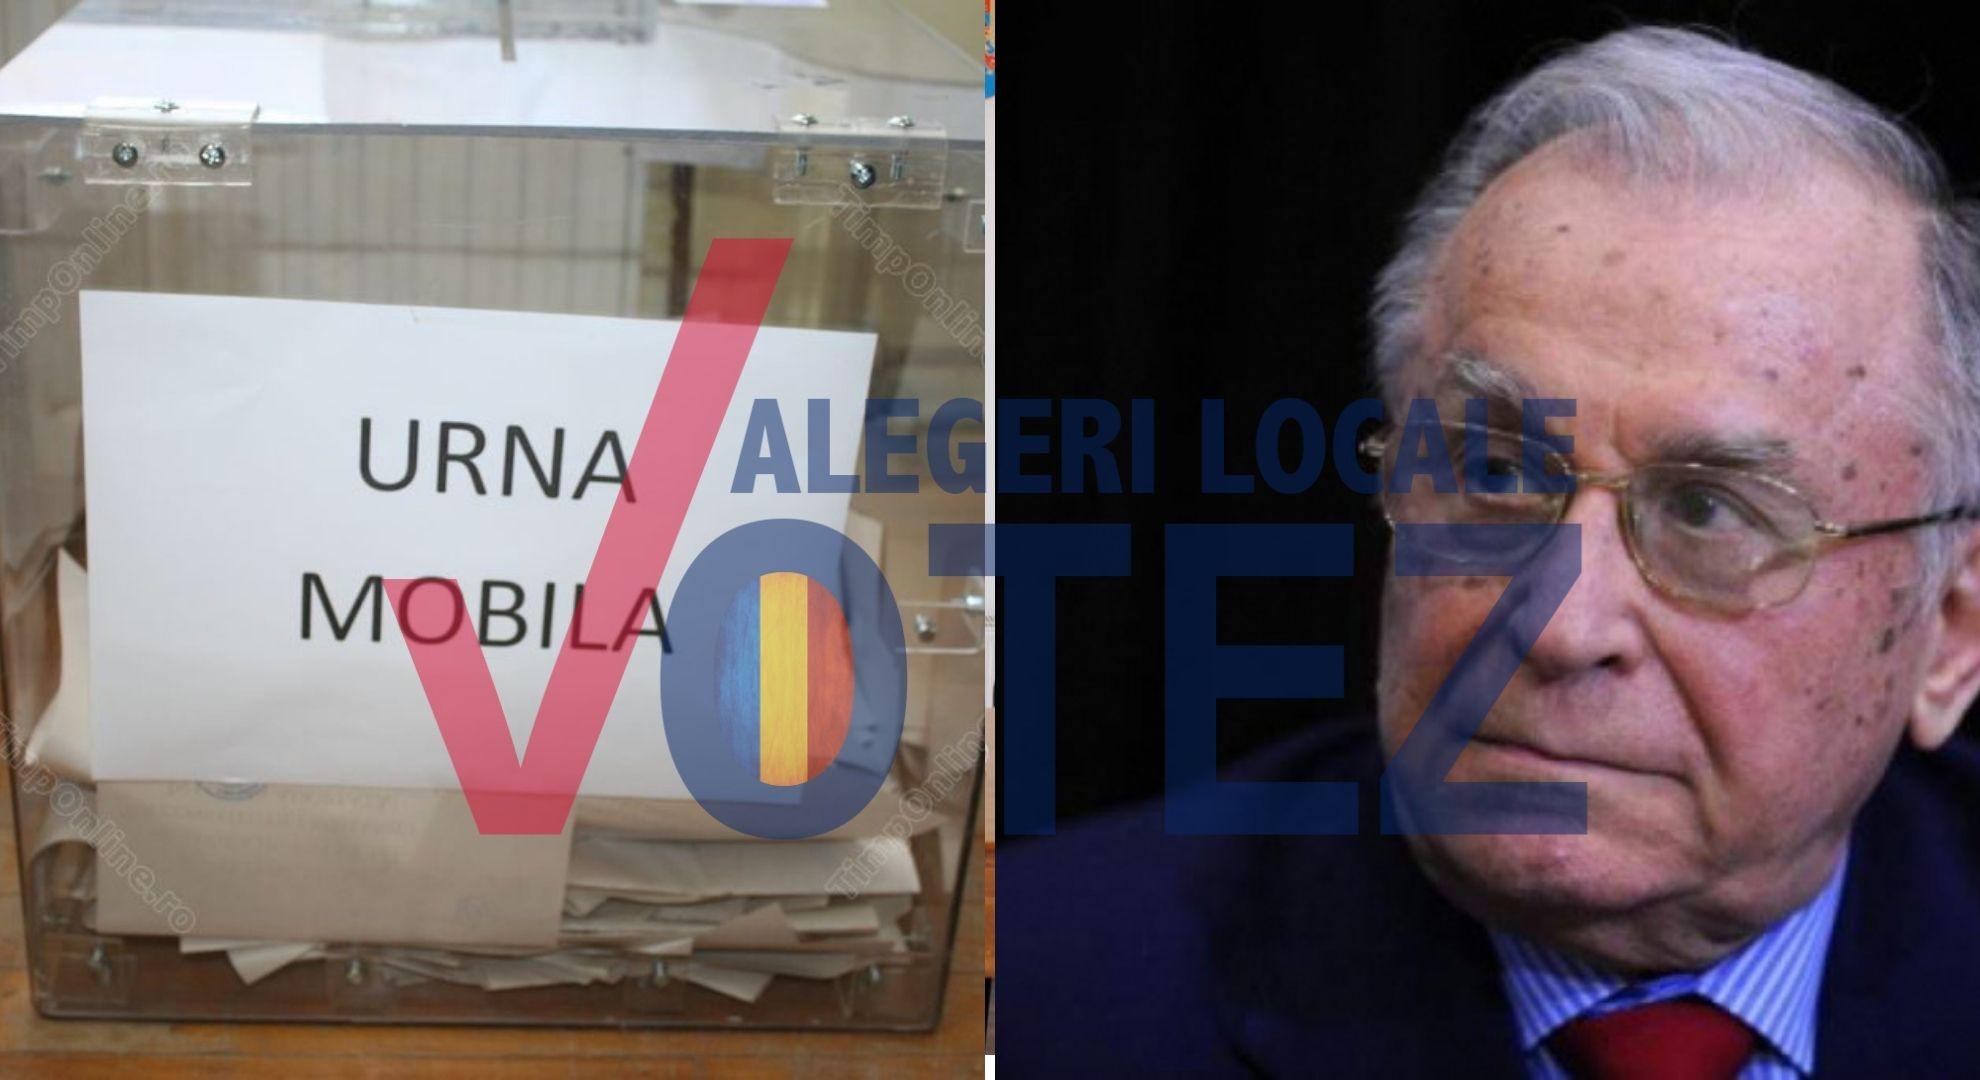 Alegeri locale 2020. Ion Iliescu a solicitat urna mobilă pentru a putea vota